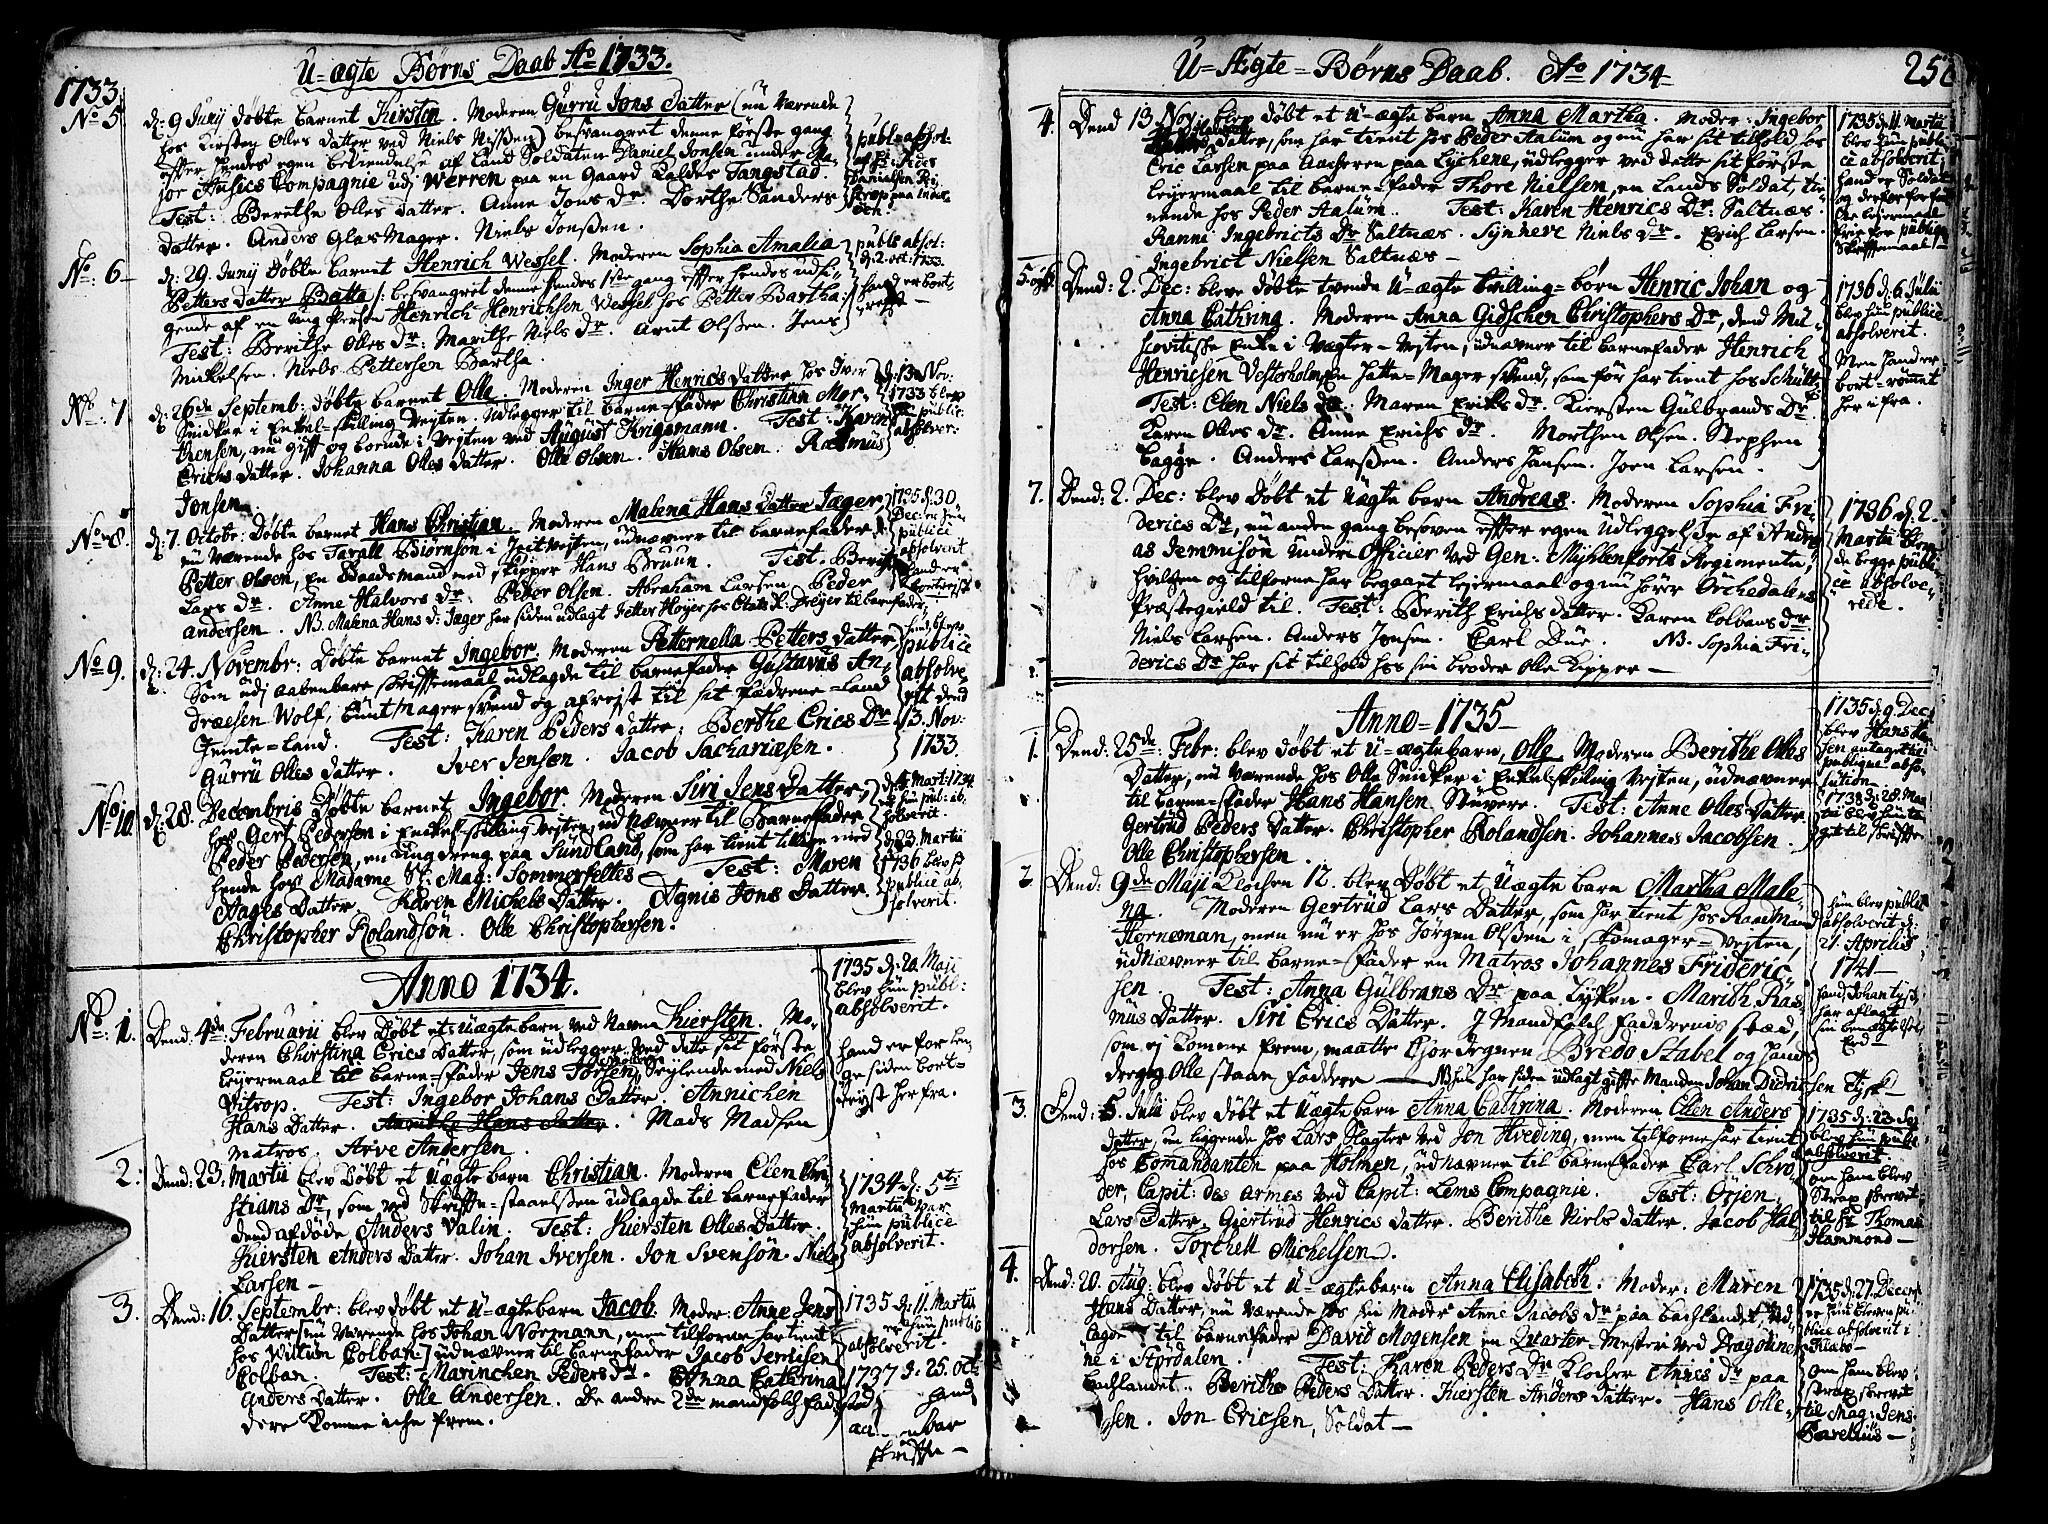 SAT, Ministerialprotokoller, klokkerbøker og fødselsregistre - Sør-Trøndelag, 602/L0103: Ministerialbok nr. 602A01, 1732-1774, s. 252